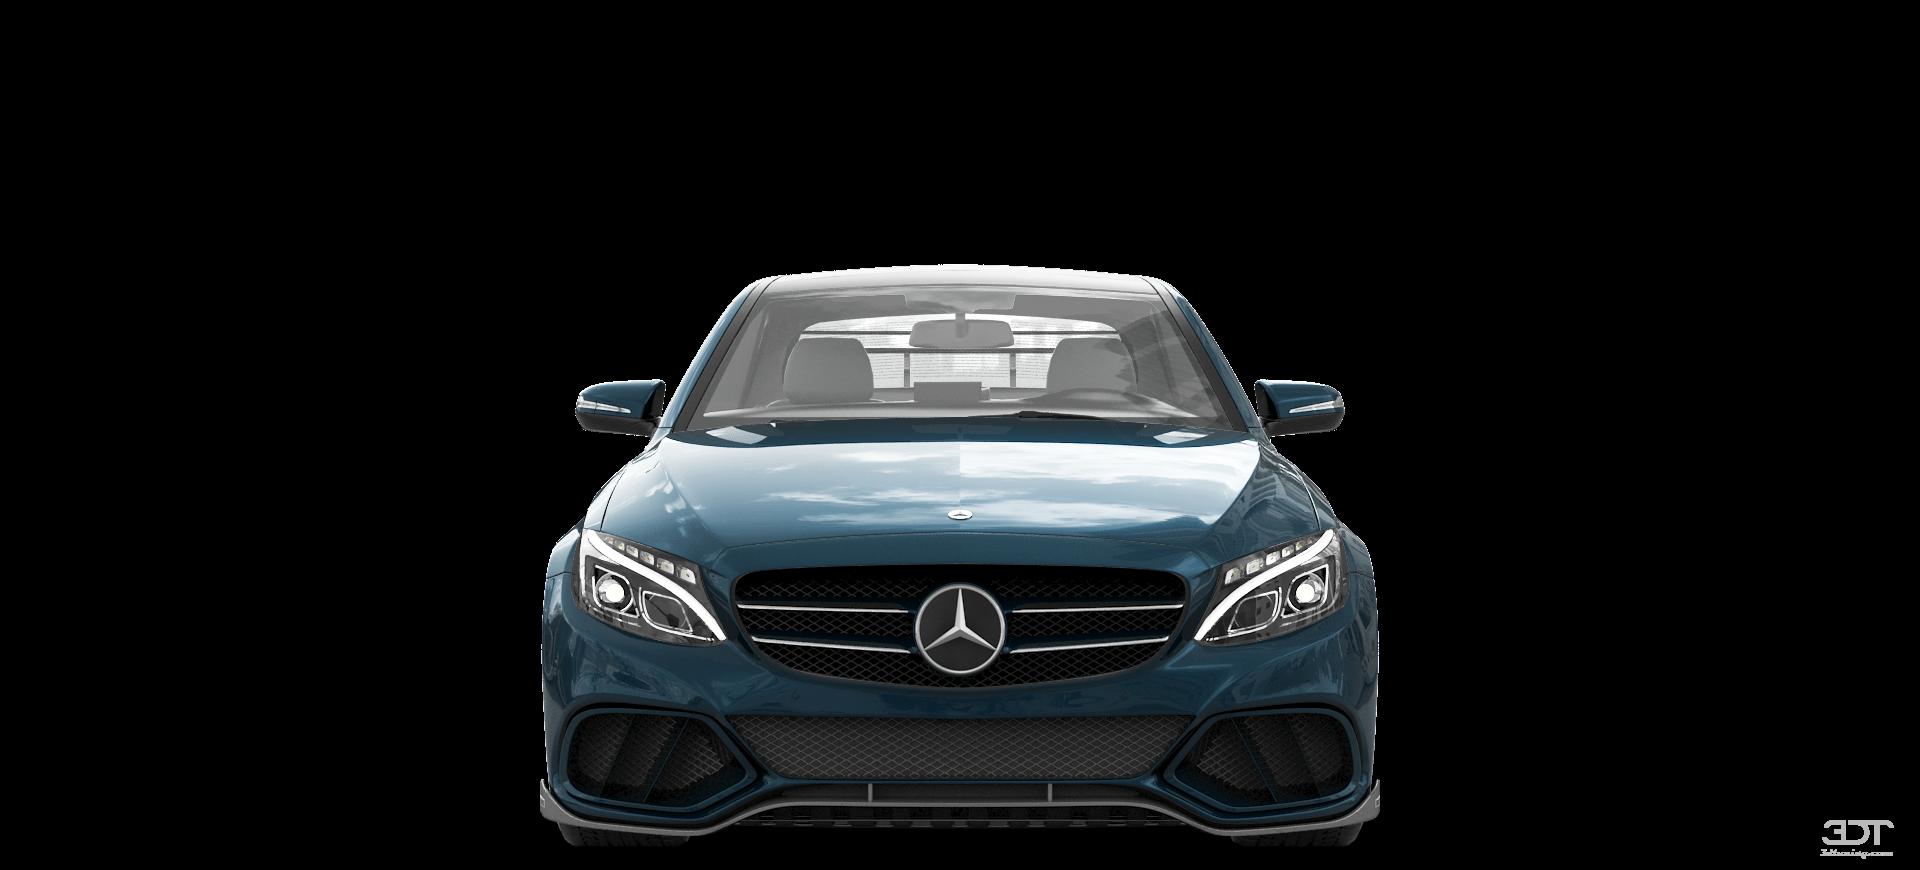 . PlusPng.com Mercedes C Class HD Sedan 2016 Tuning PlusPng.com  - PNG HD Of Car